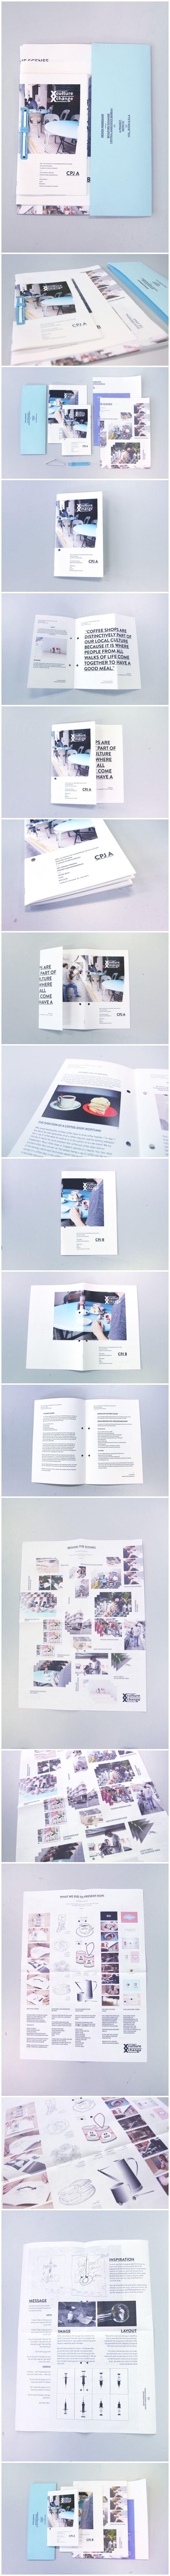 Design Workshop Booklet | Printing Design | Pinterest